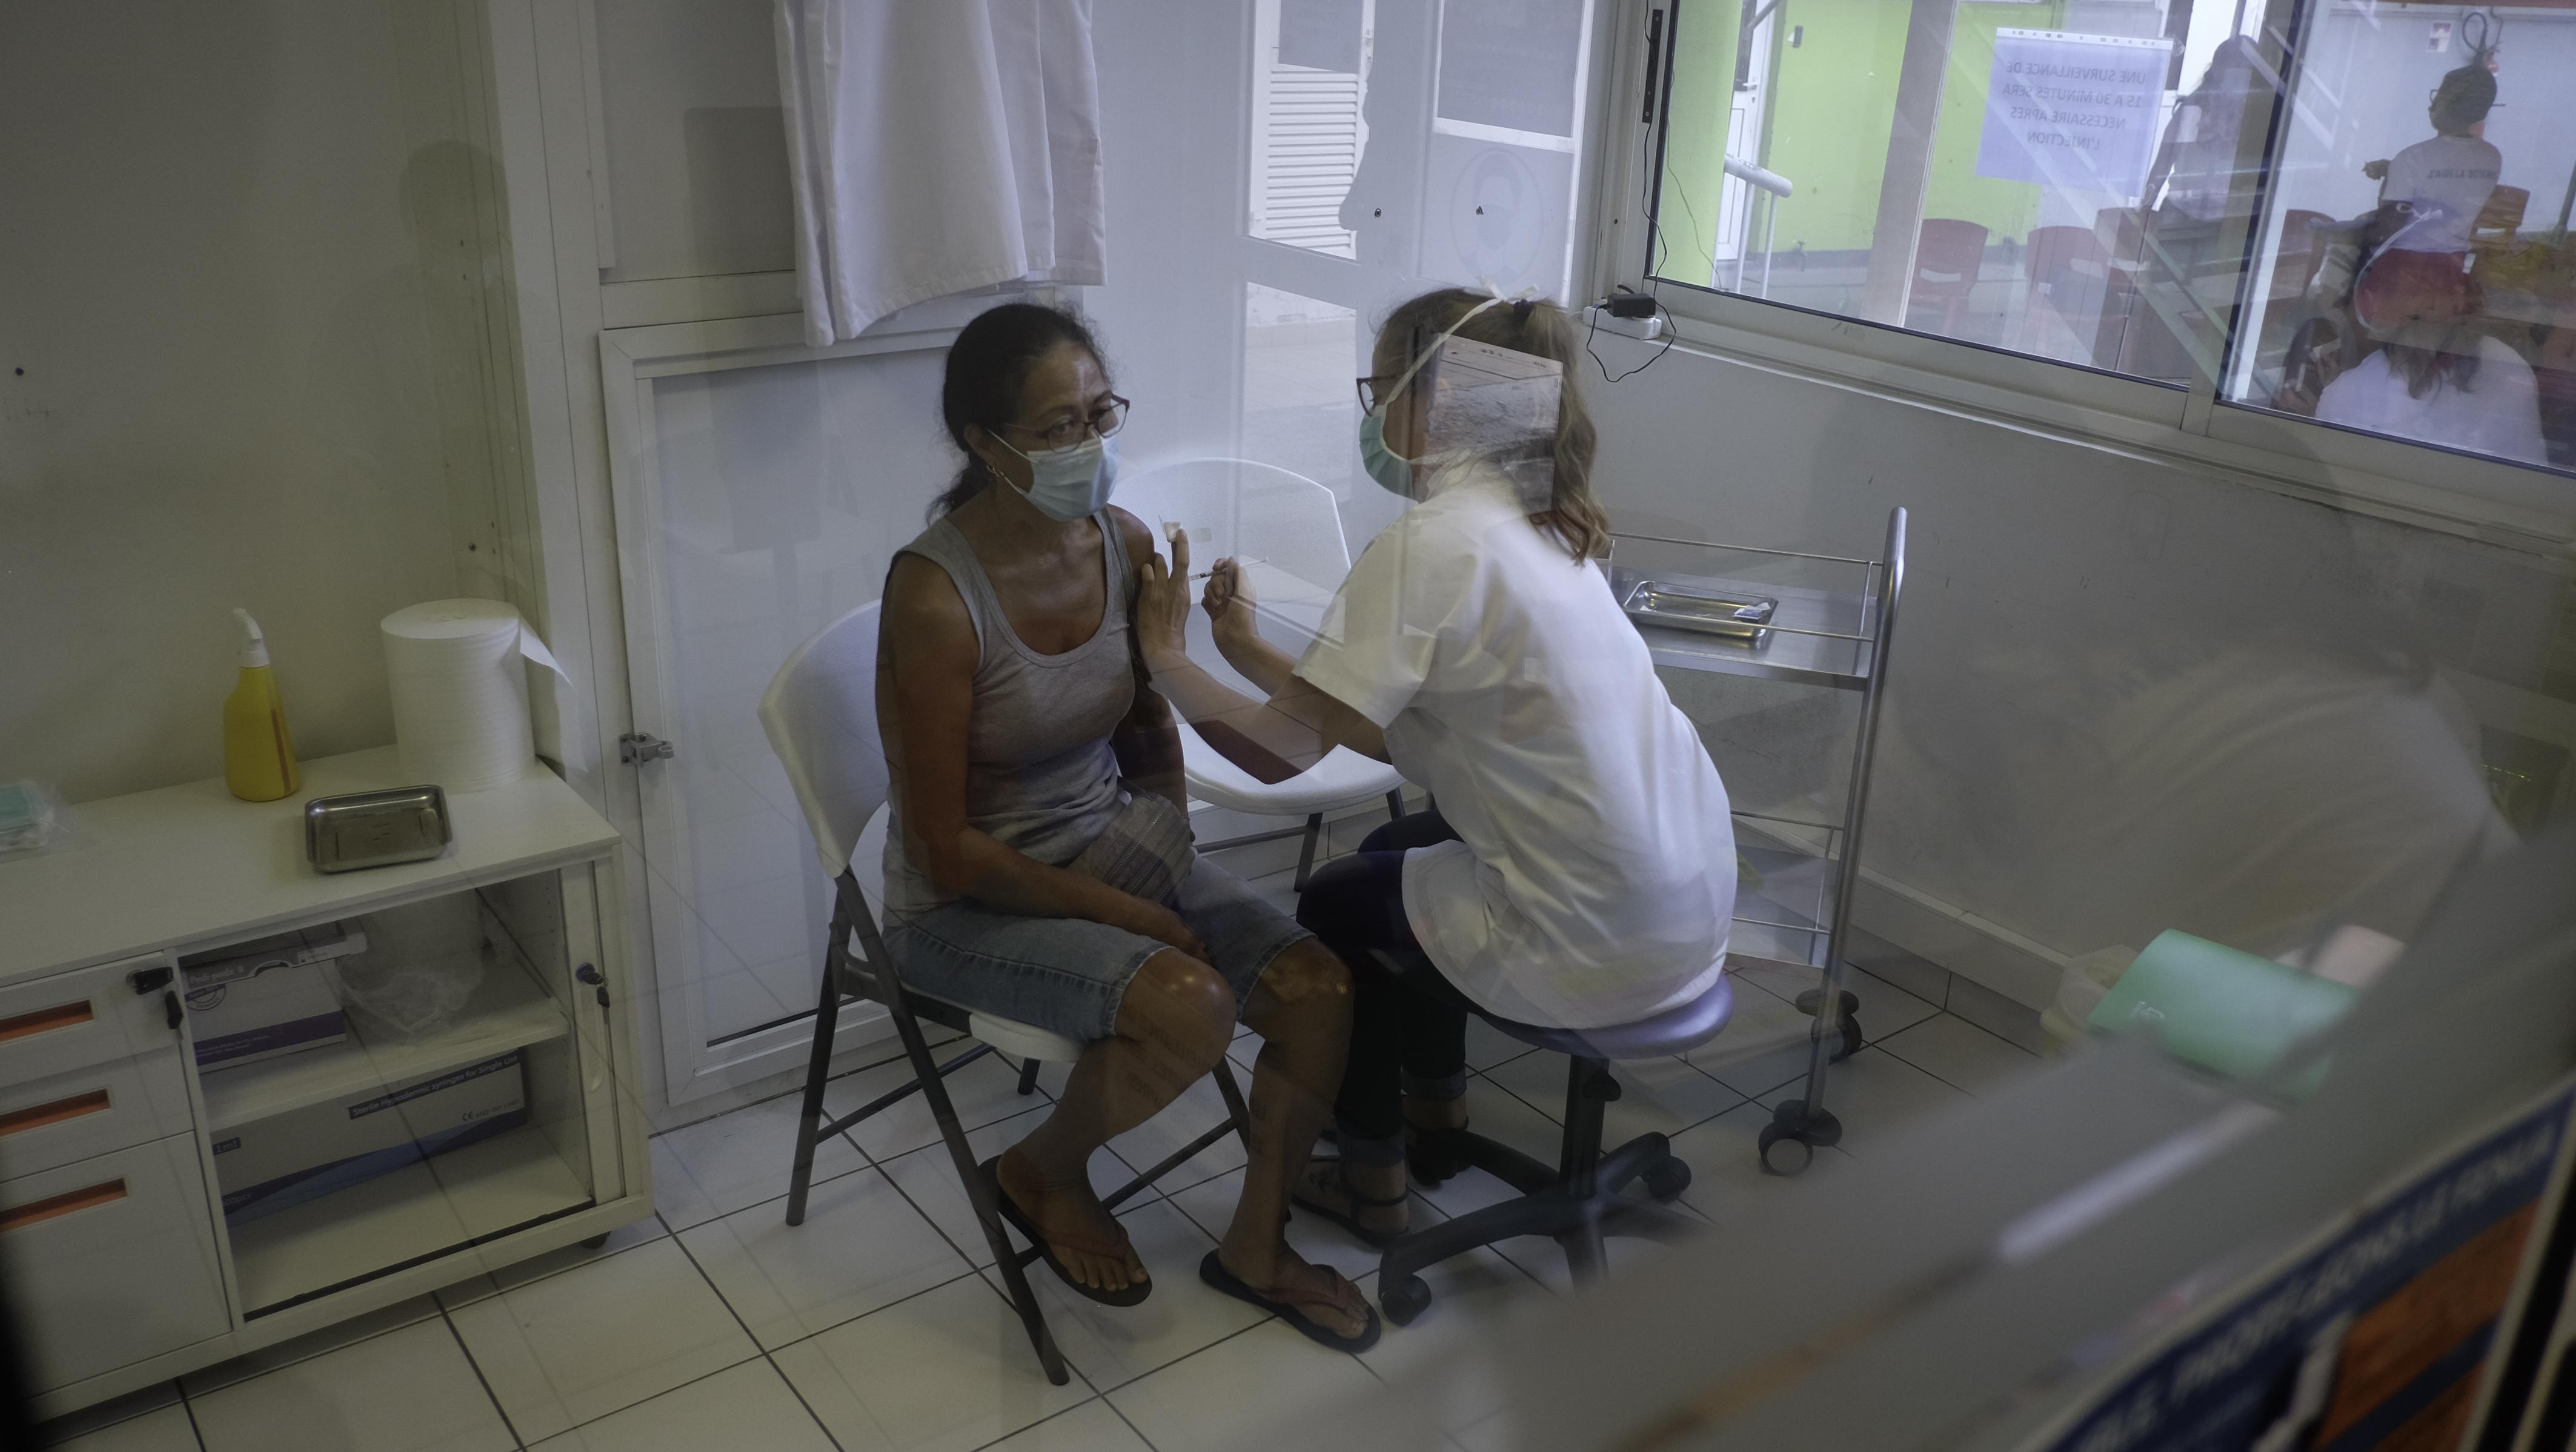 Plus de 10 000 personnes ont reçu le traitement complet du vaccin